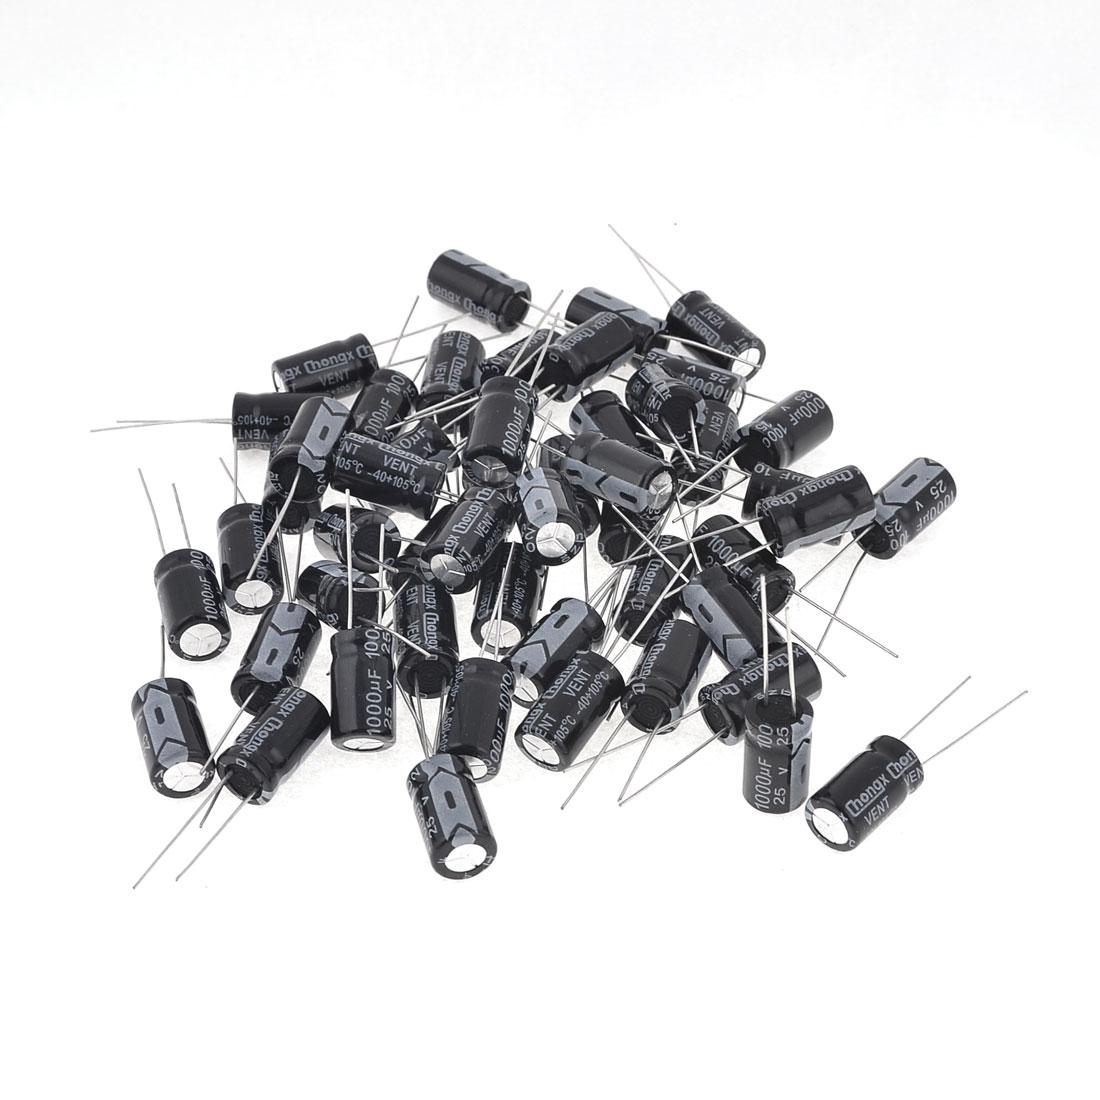 50PCS 1000uF 25V 2 Terminals Cylinder Electrolytic Capacitors